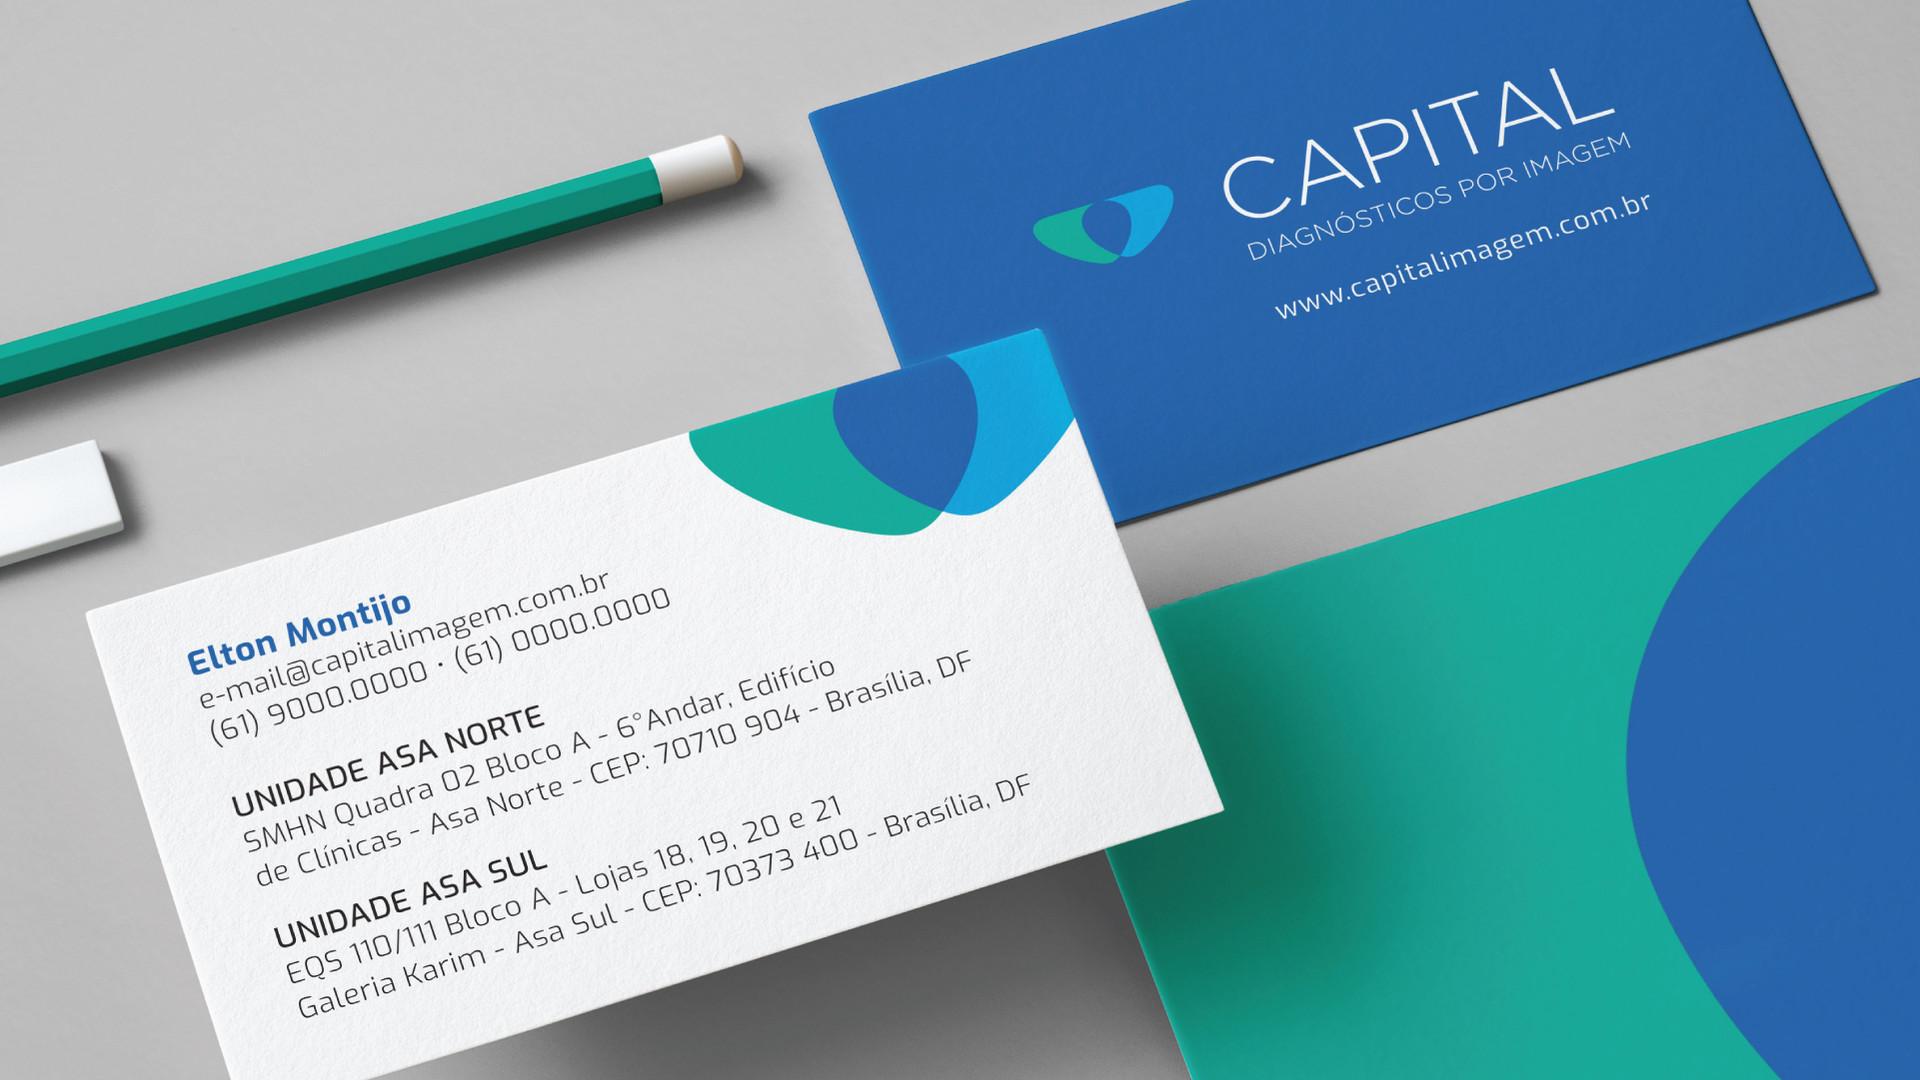 img-portfolio-capital-diagnosticos-voado